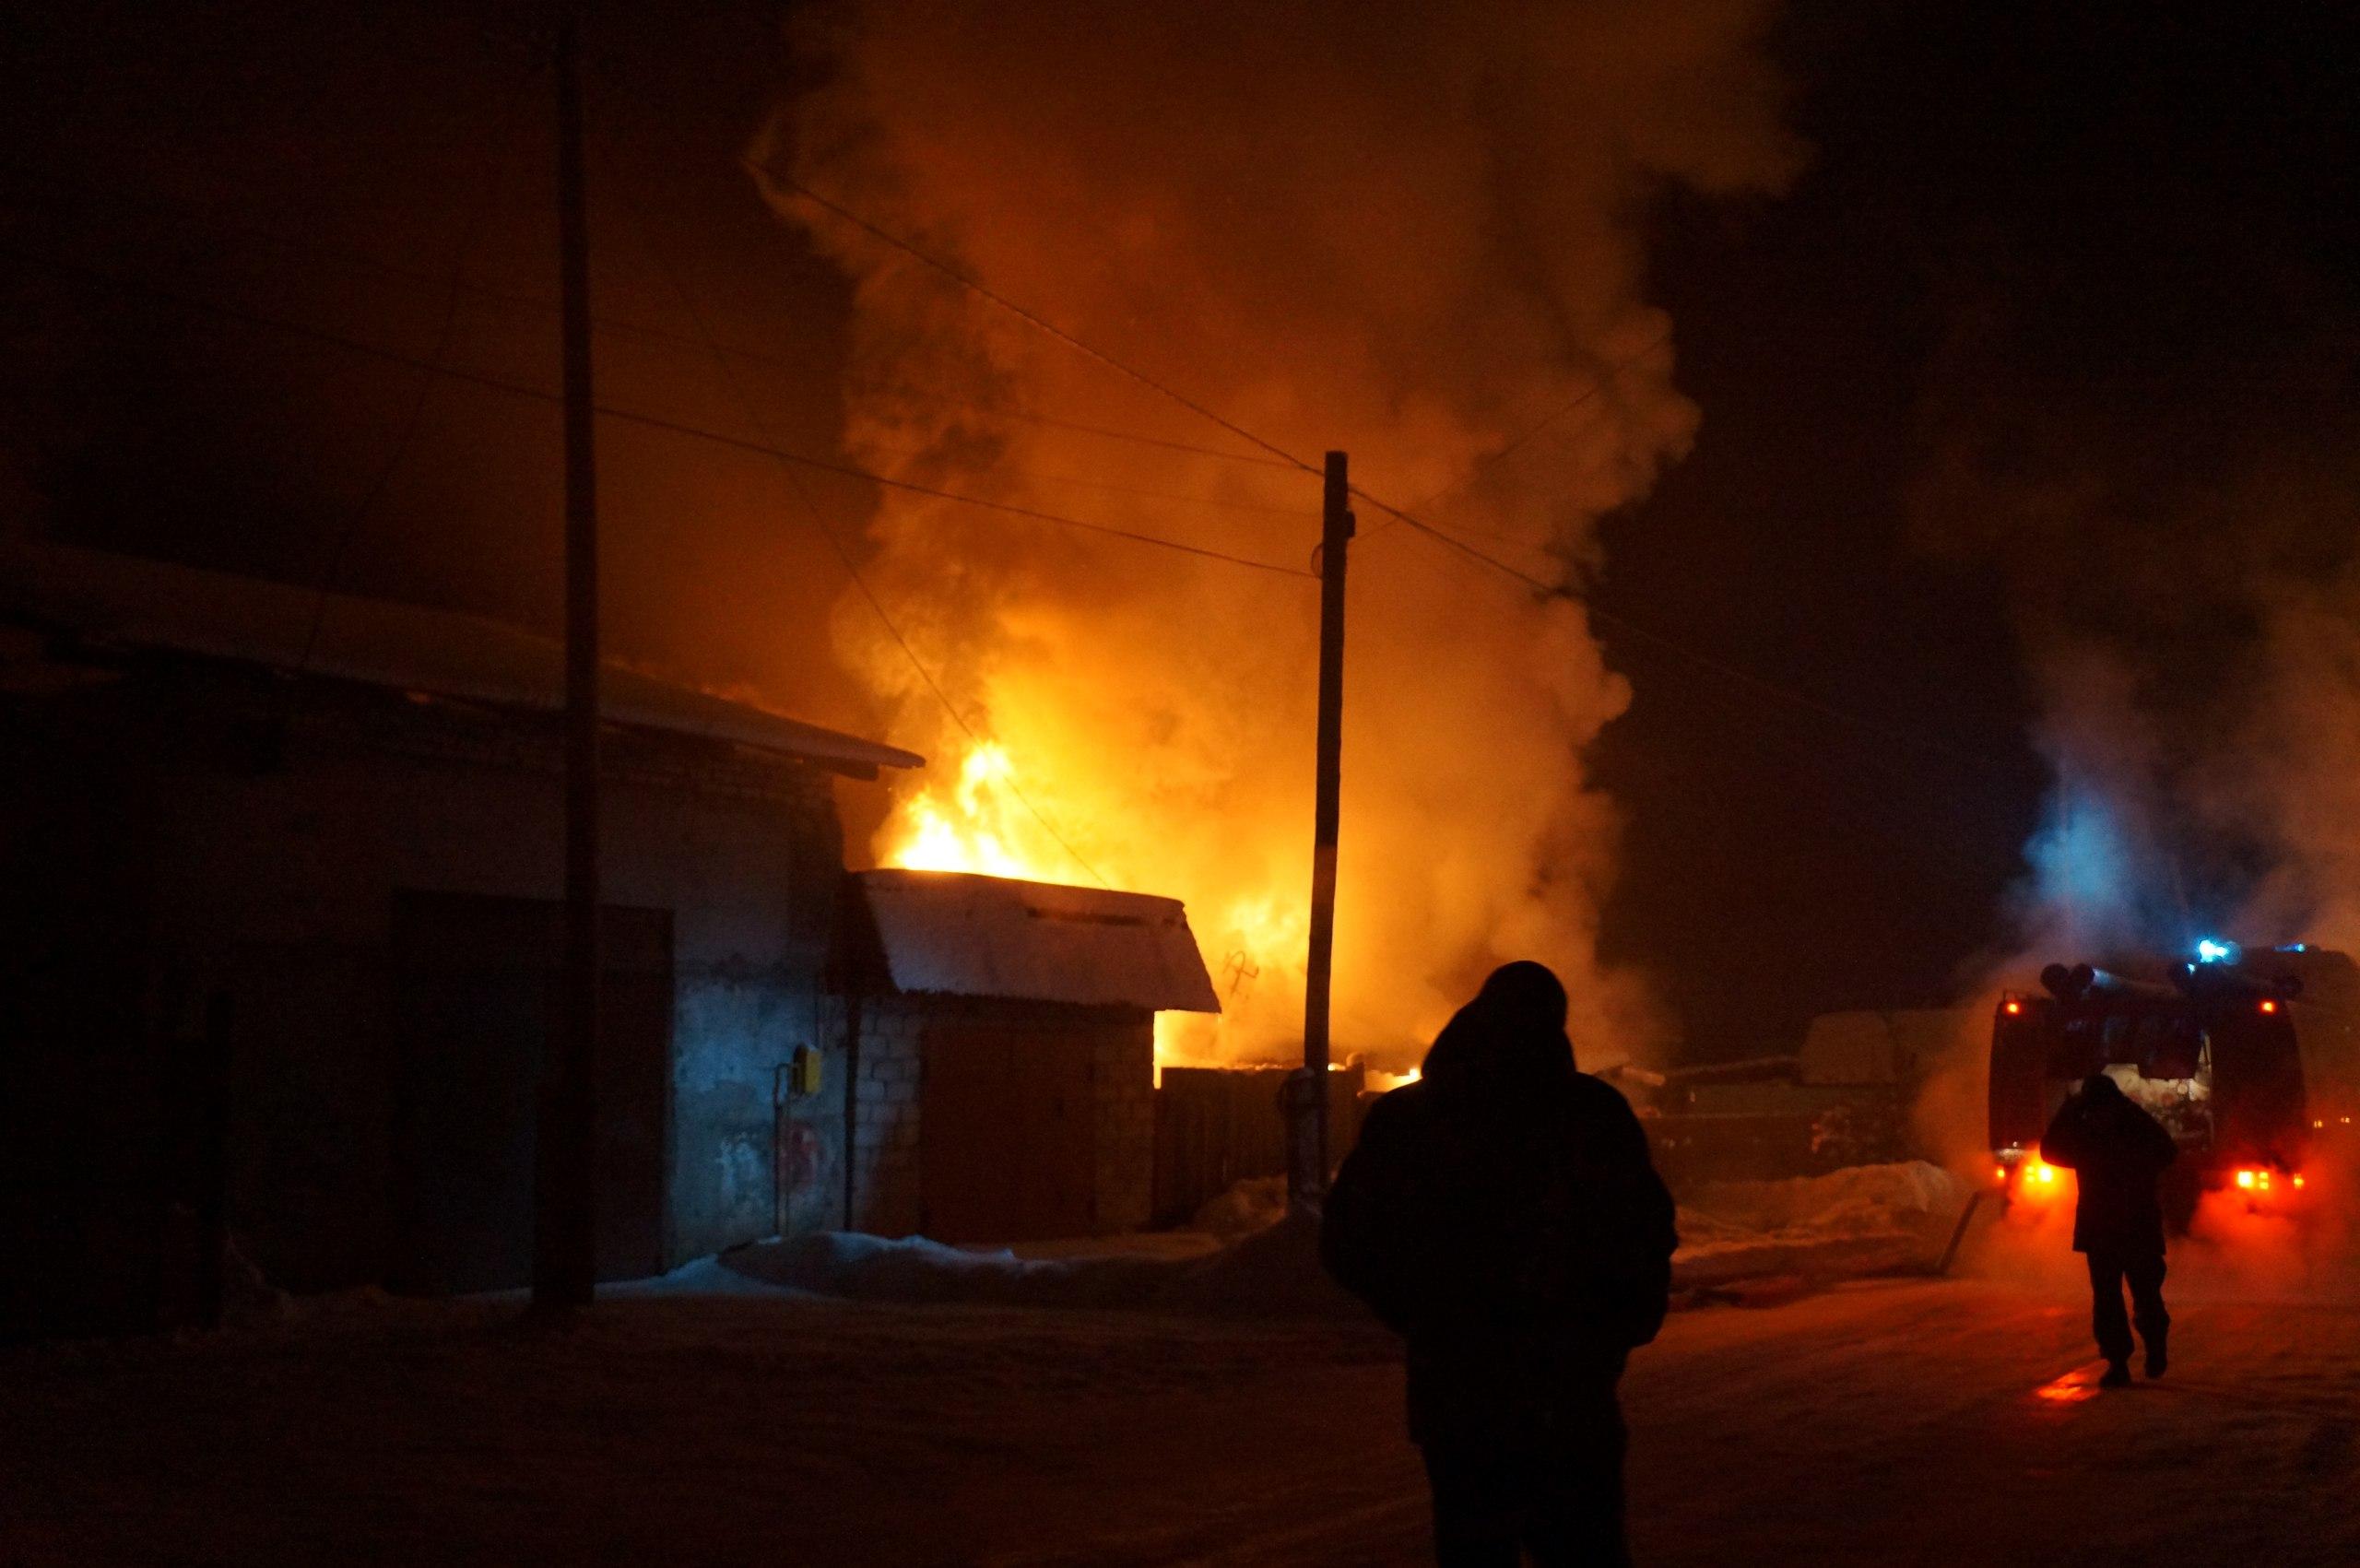 За сутки в Кировской области сгорели два частных дома.